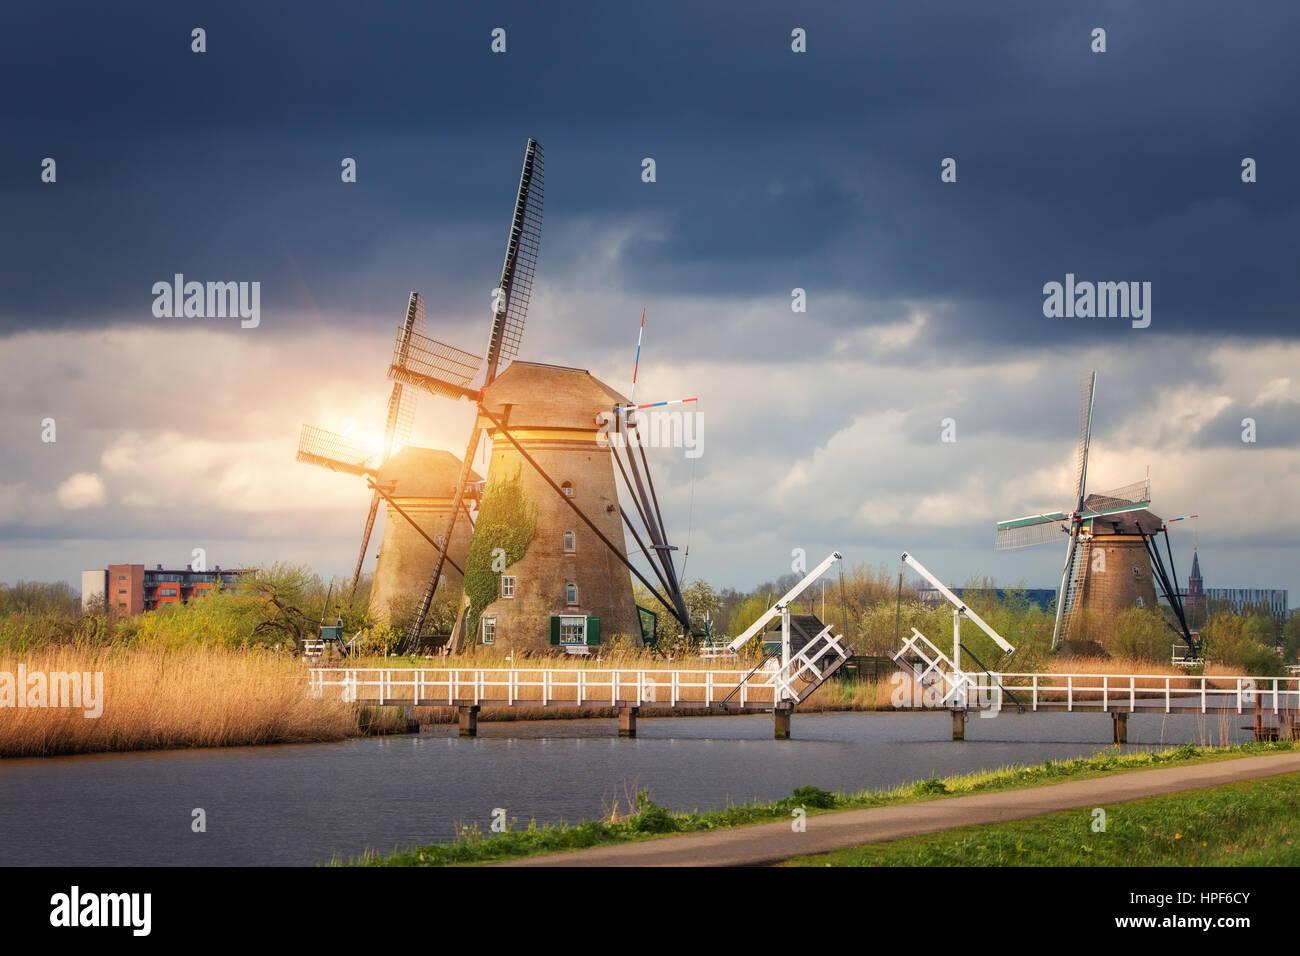 Les moulins à vent contre ciel nuageux au coucher du soleil à Kinderdijk, célèbre aux Pays-Bas. Photo Stock